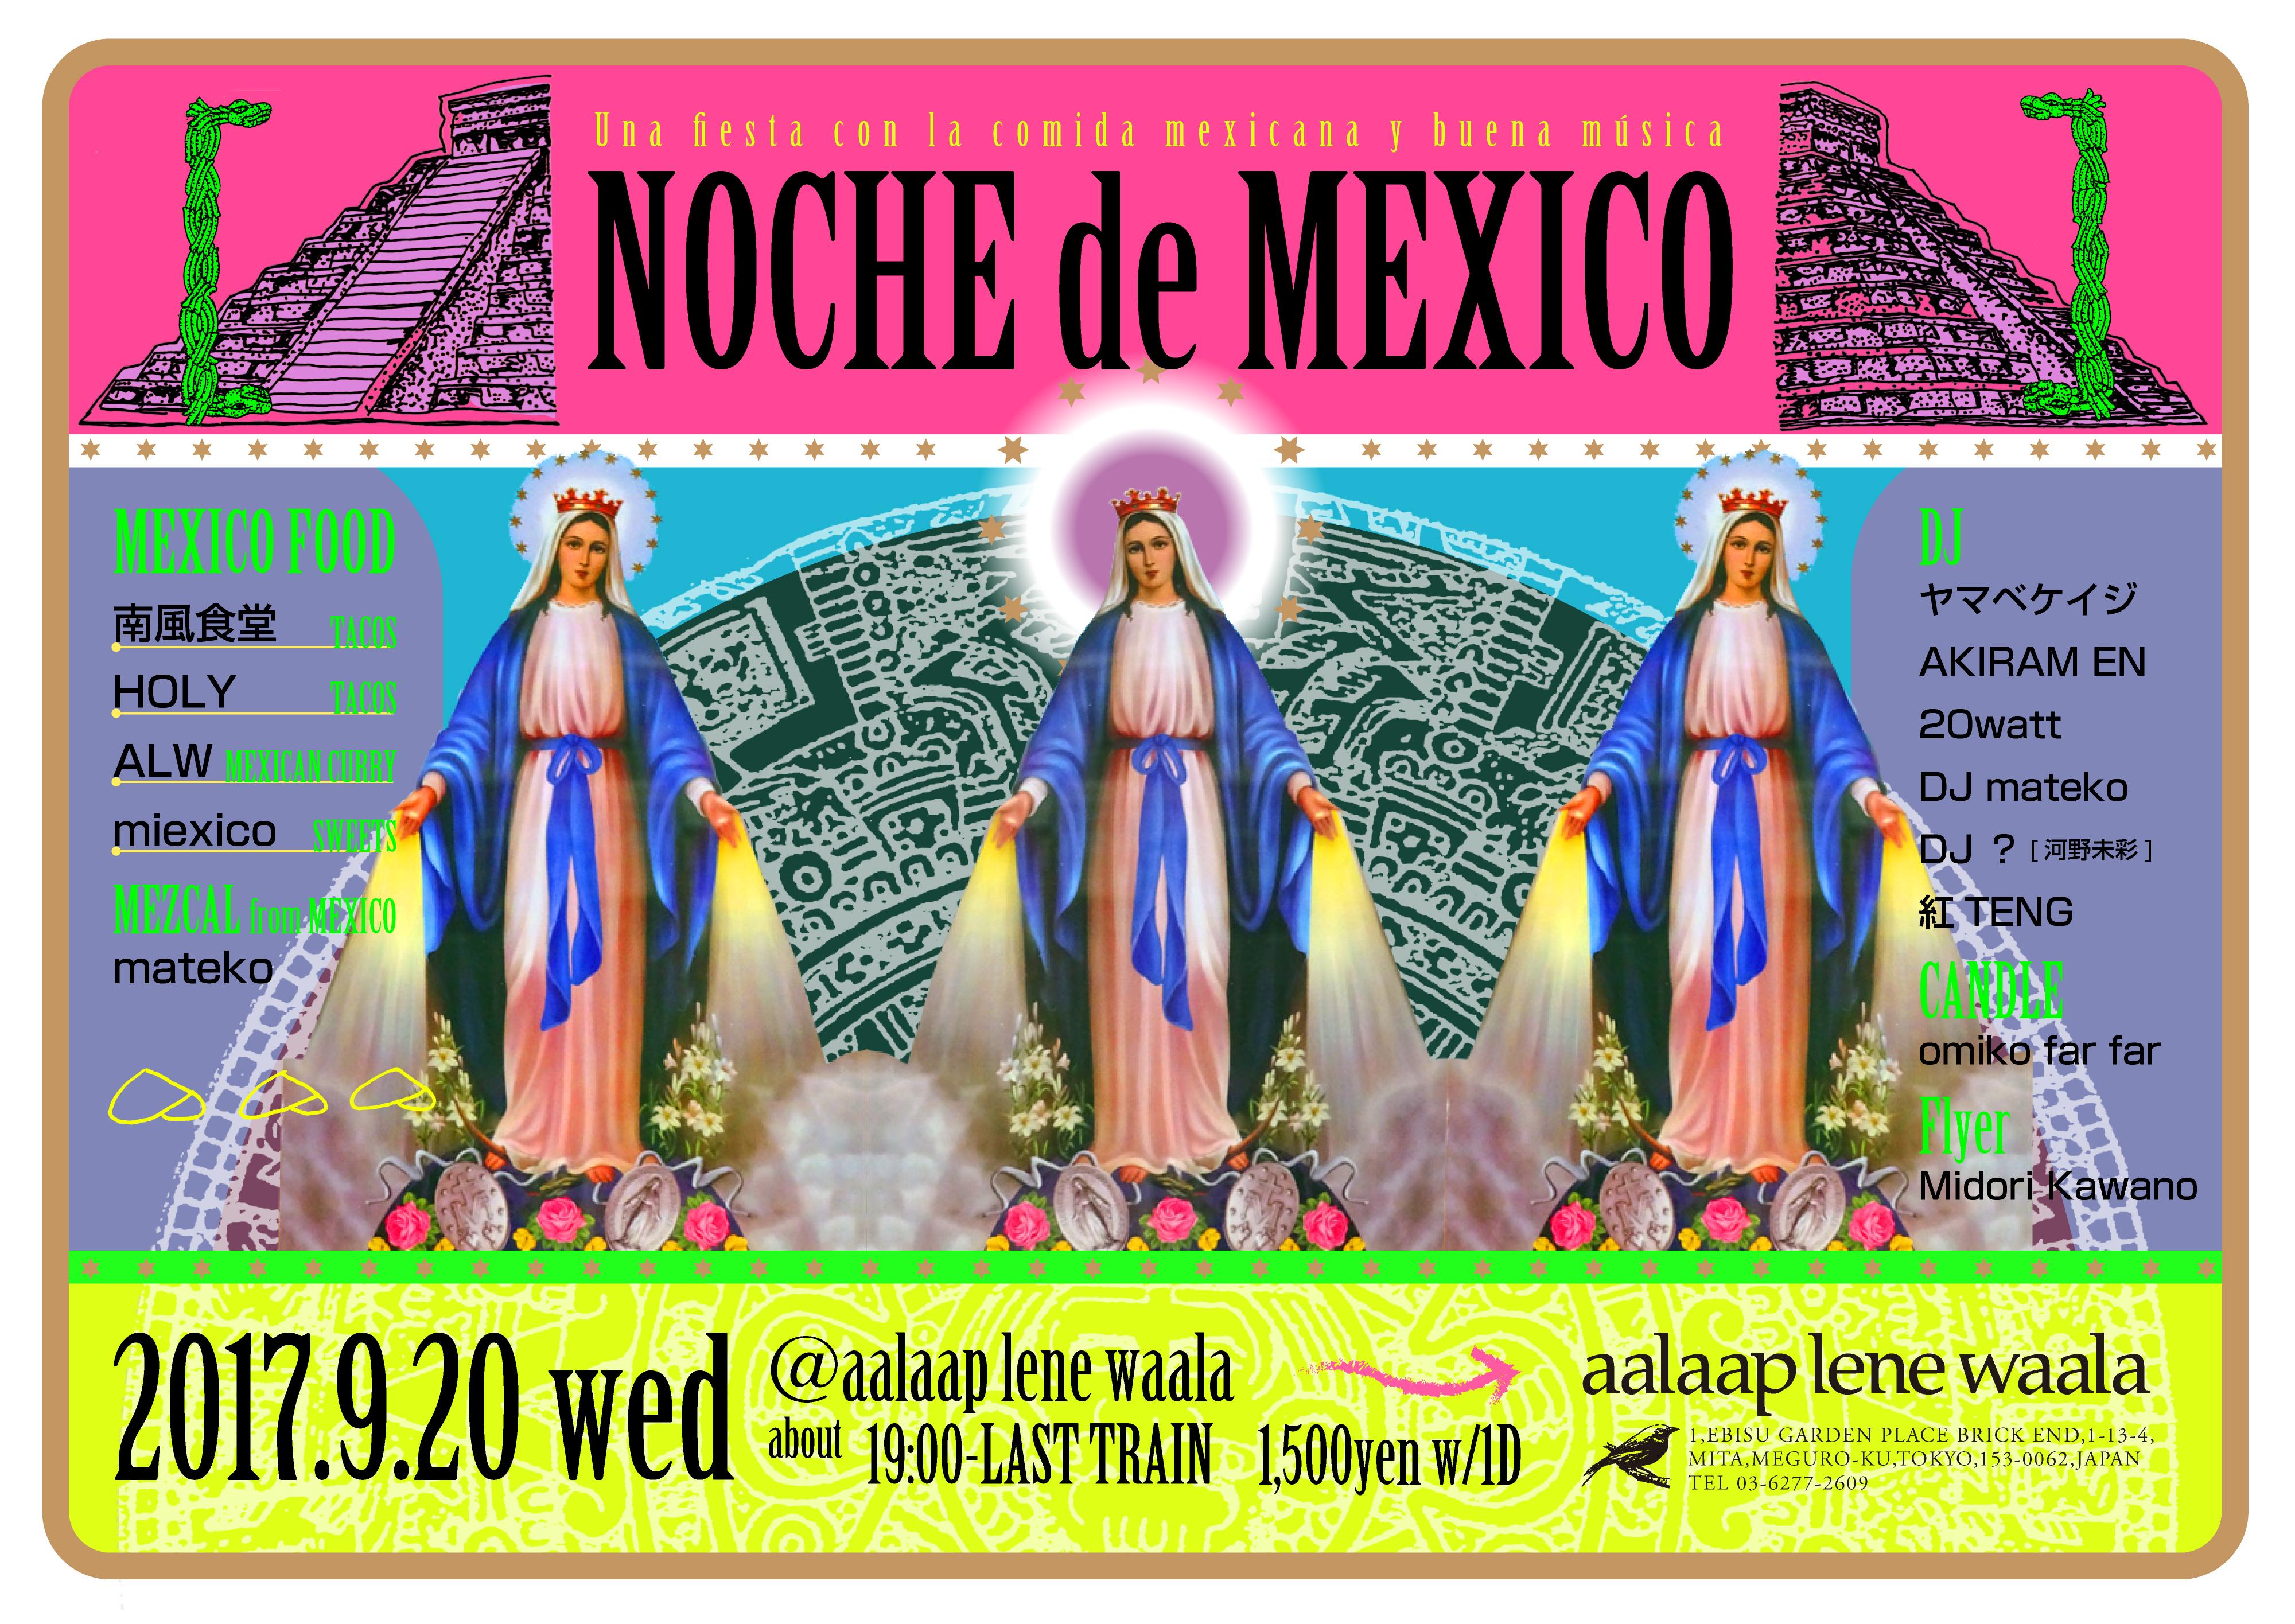 NOCHE de MEXICO